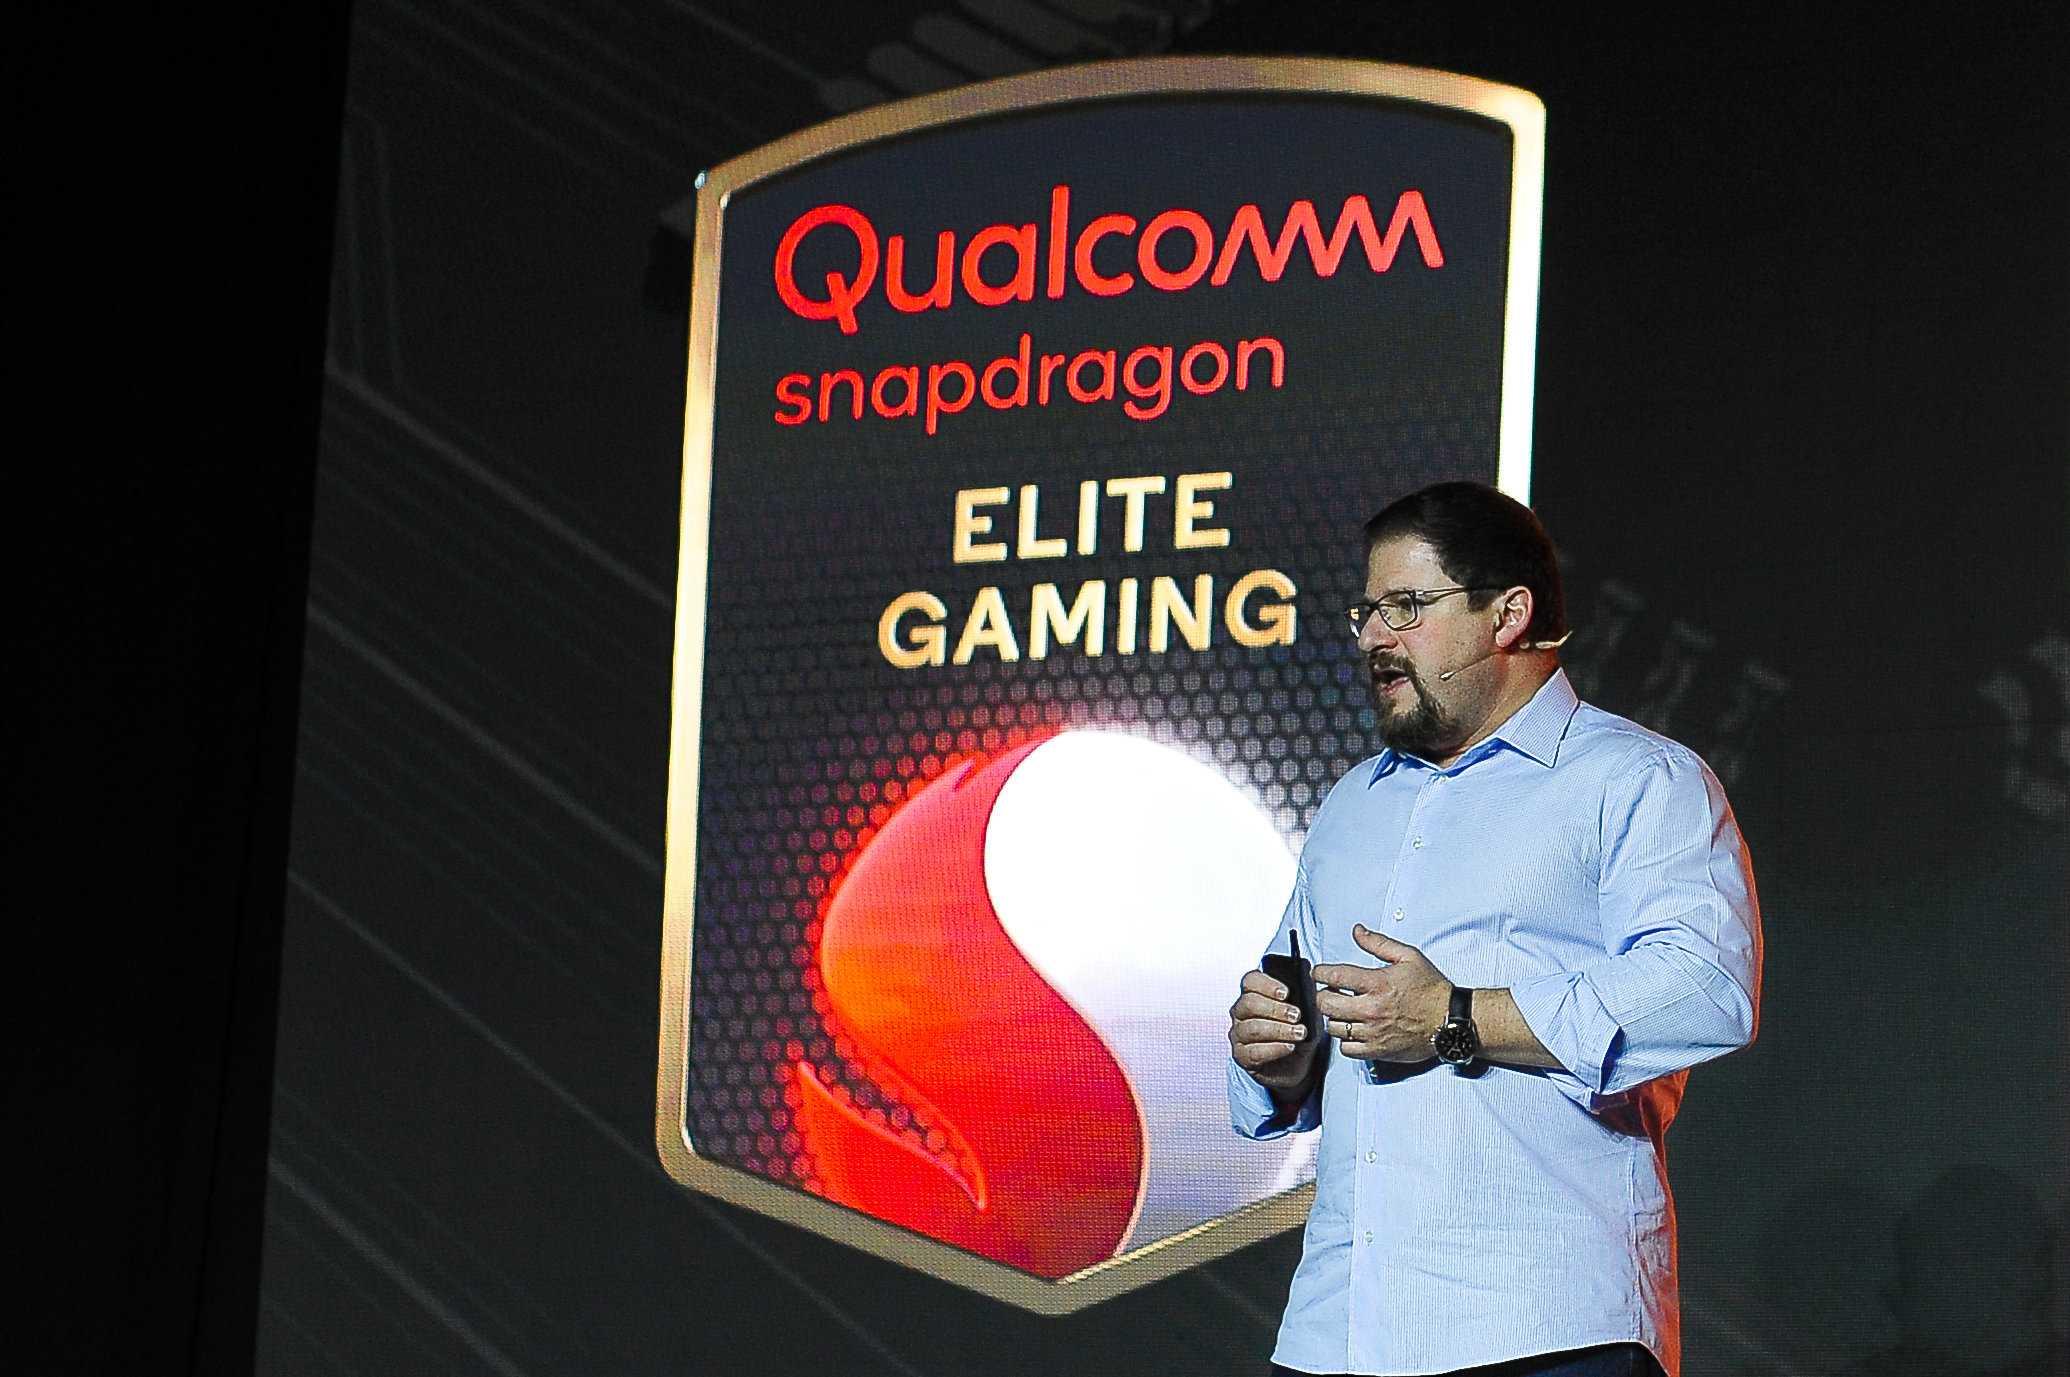 Нечестный на руку производитель процессоров стал крупнейшим в мире поставщиком чипов для смартфонов - cnews